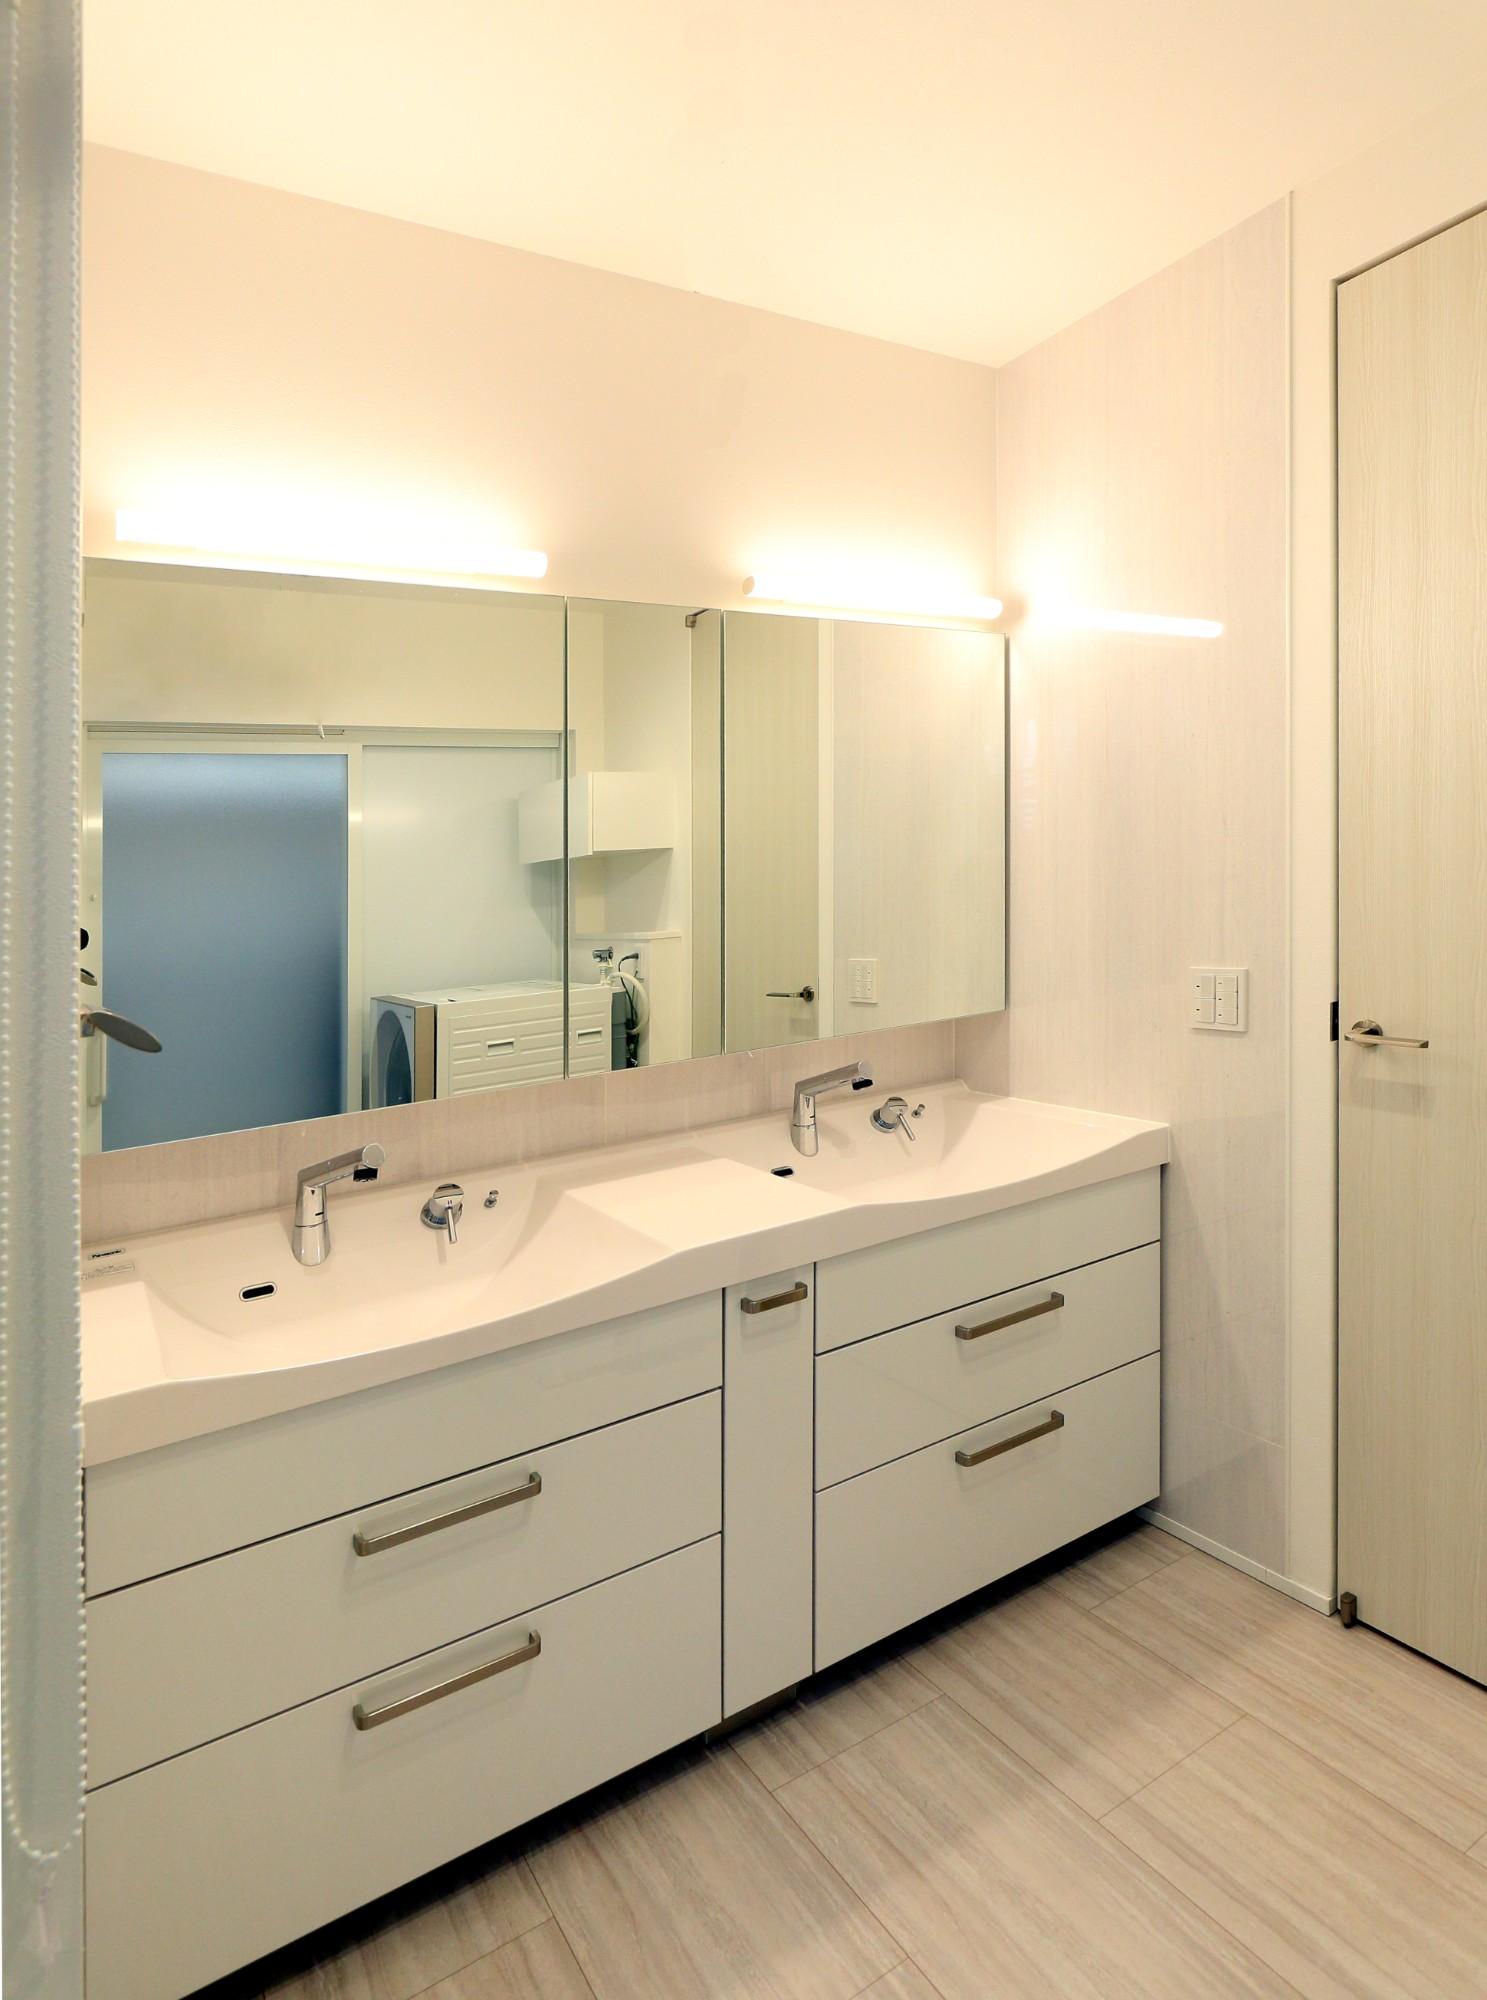 フクダハウジング株式会社「3階建ての素材にこだわった上質な家」のシンプル・ナチュラルな洗面所・脱衣所の実例写真